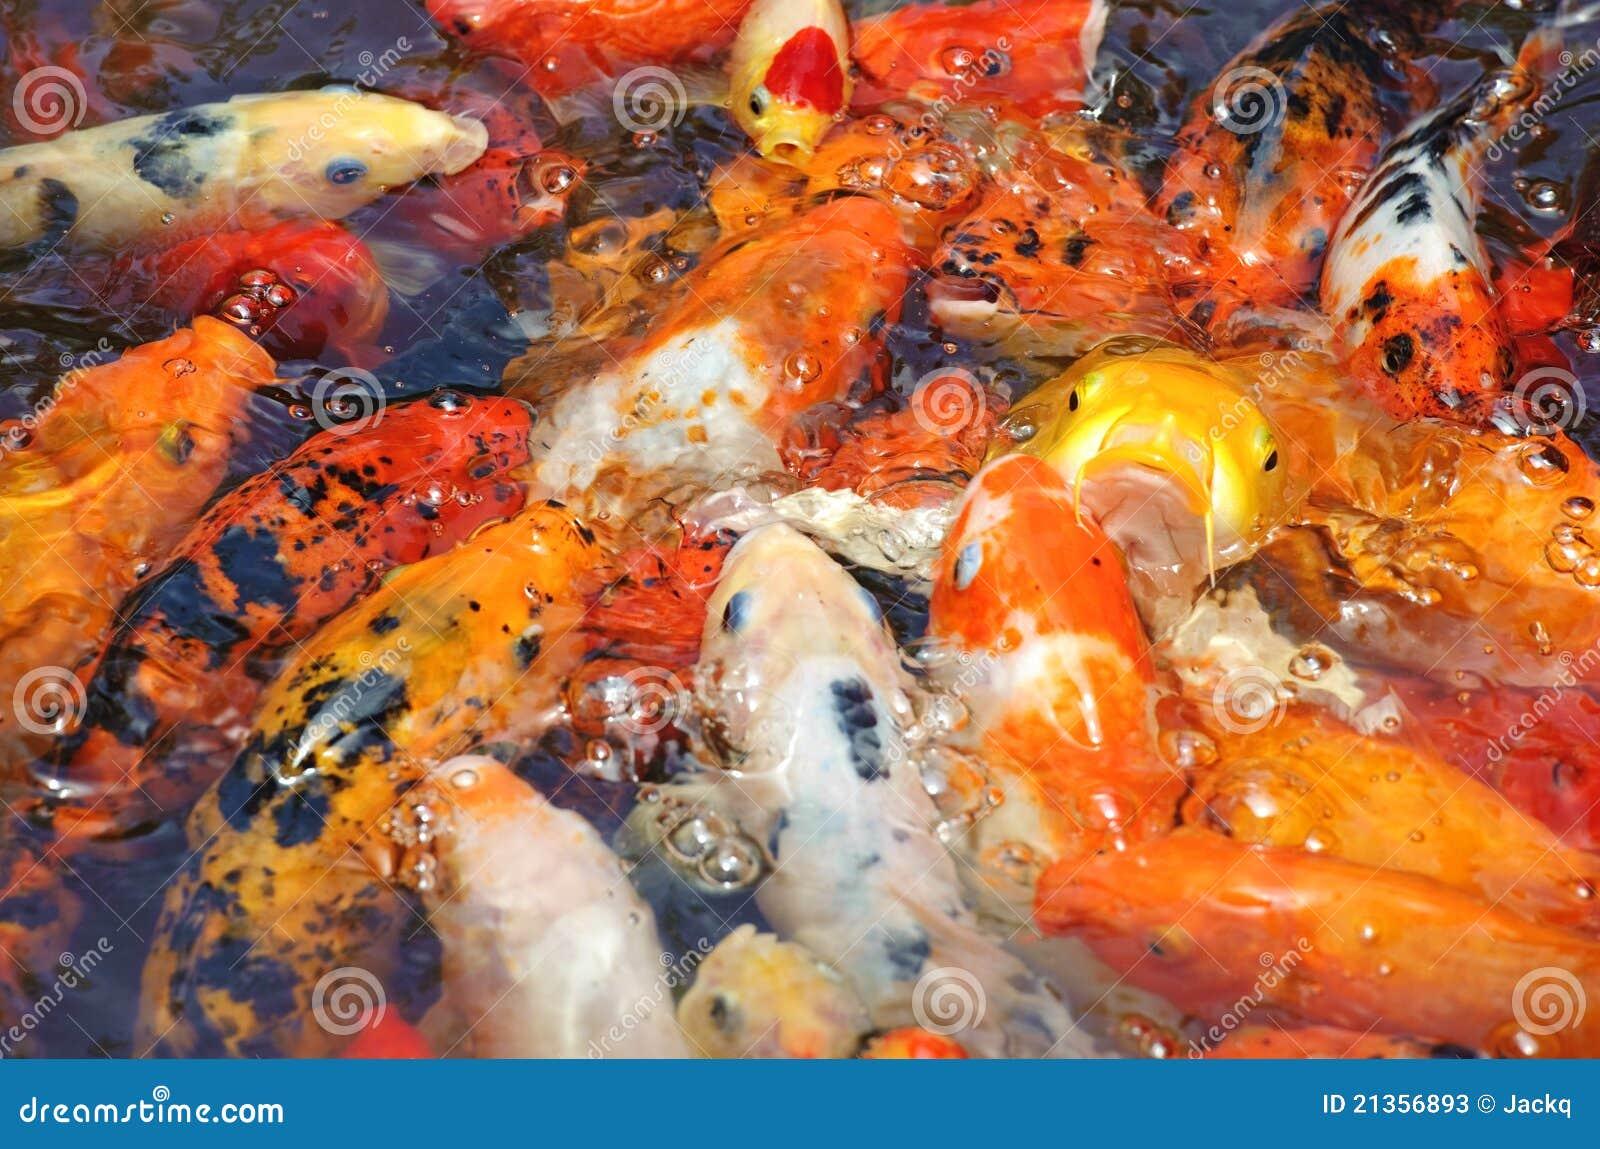 Beautiful golden koi fish stock photos image 21356893 for Beautiful koi fish